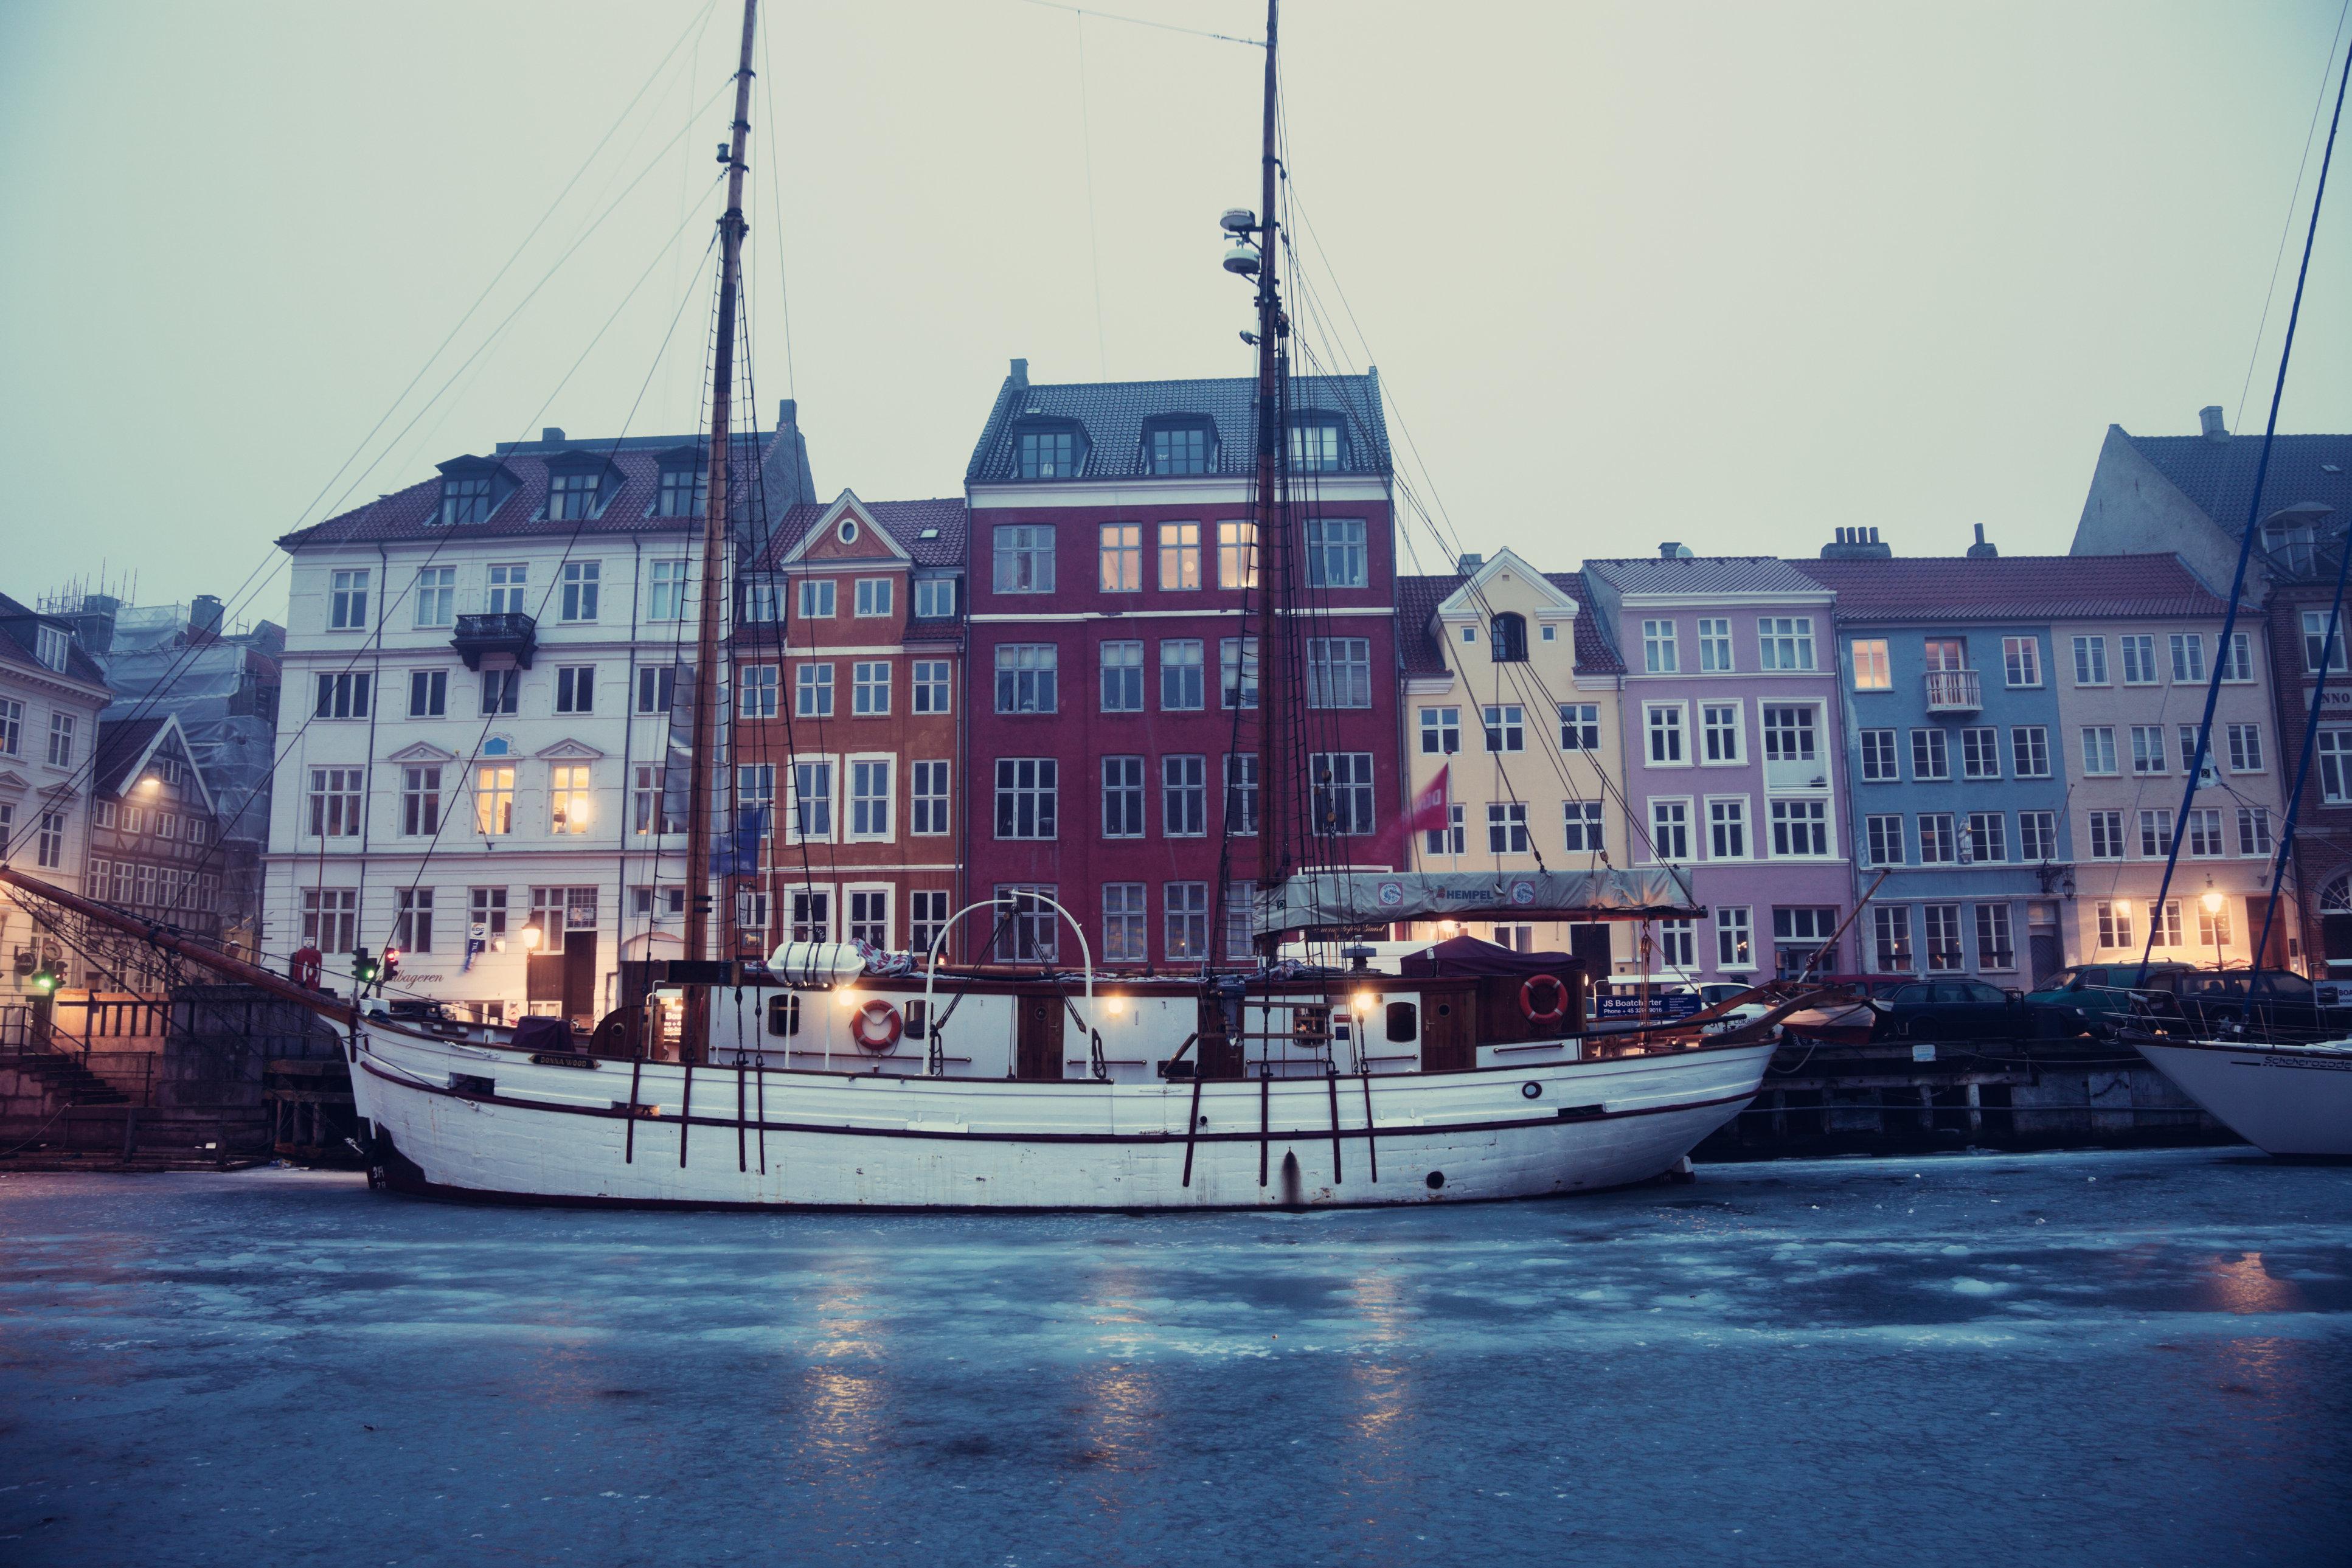 Denmark, Copenhagen, Nyhavn district on early winter morning